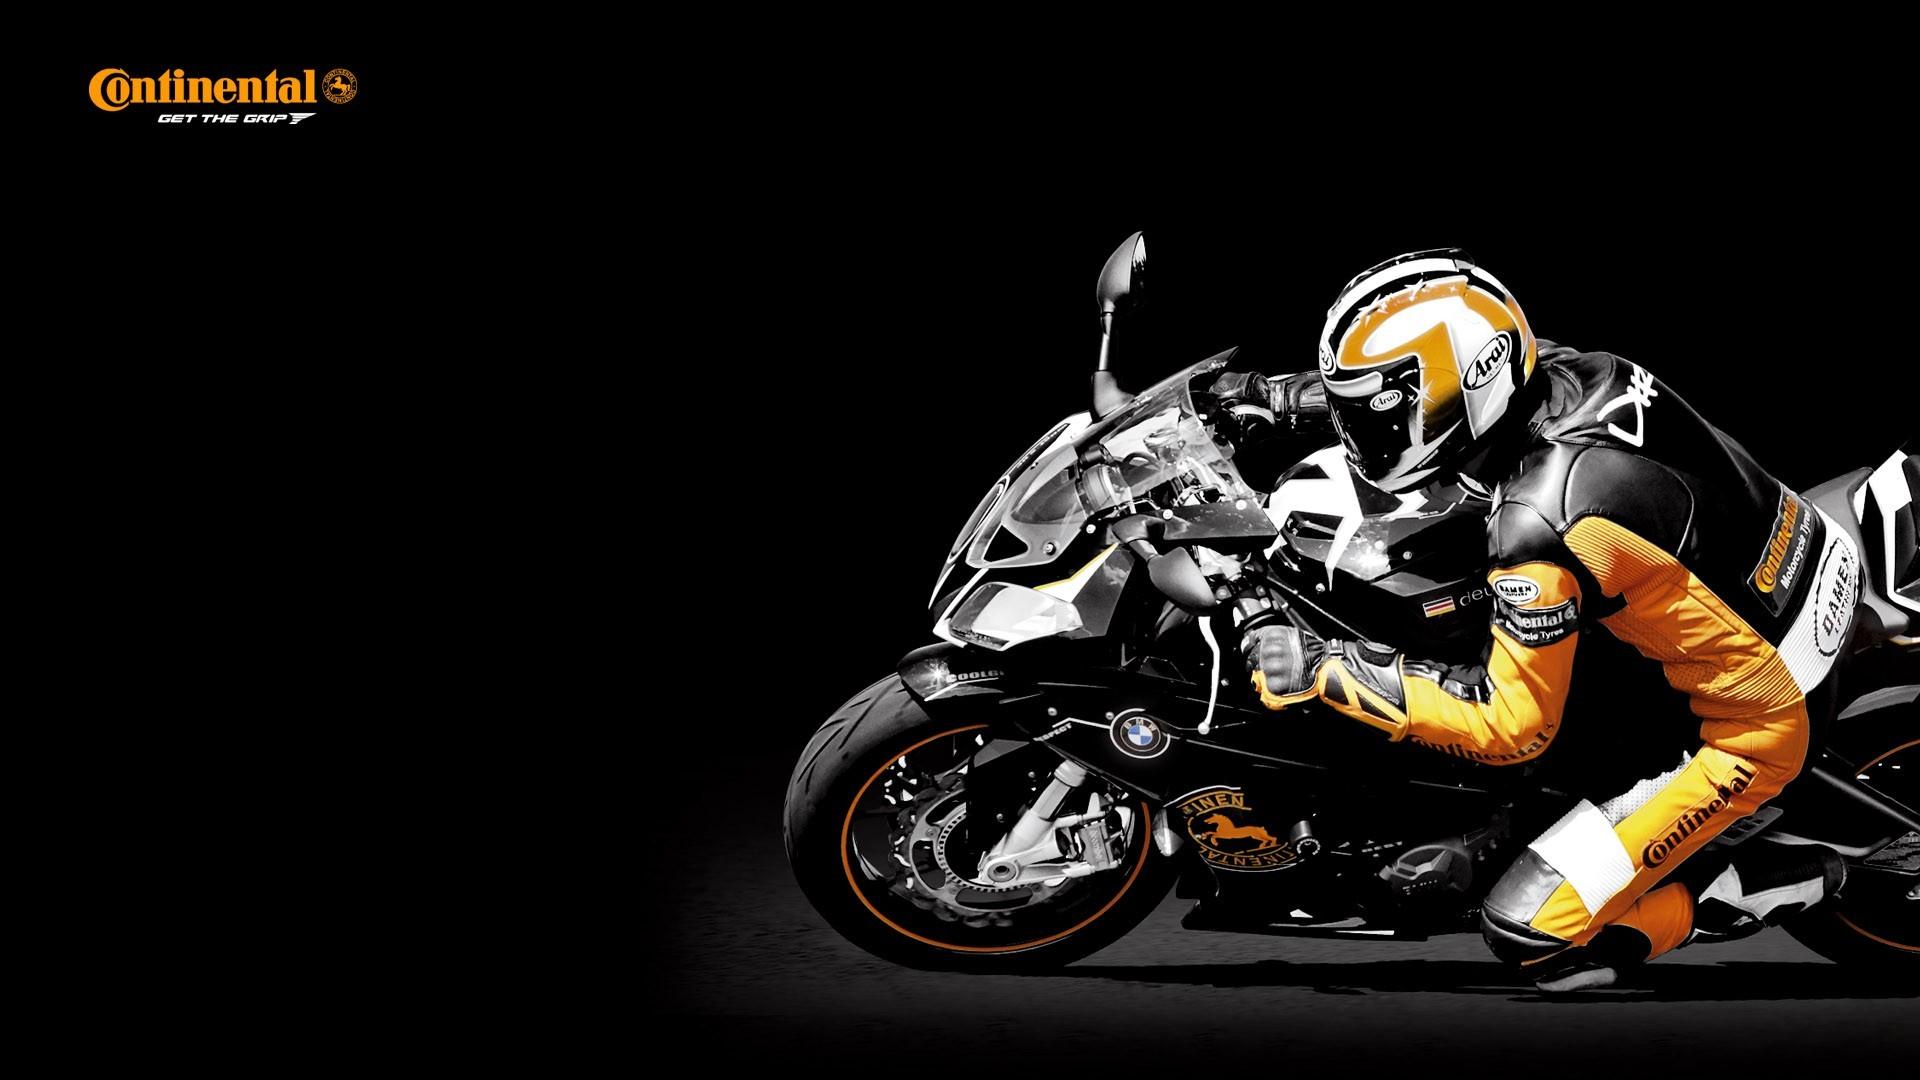 Motor Sports Hd Wallpaper: Motorcycle Wallpaper HD ·①